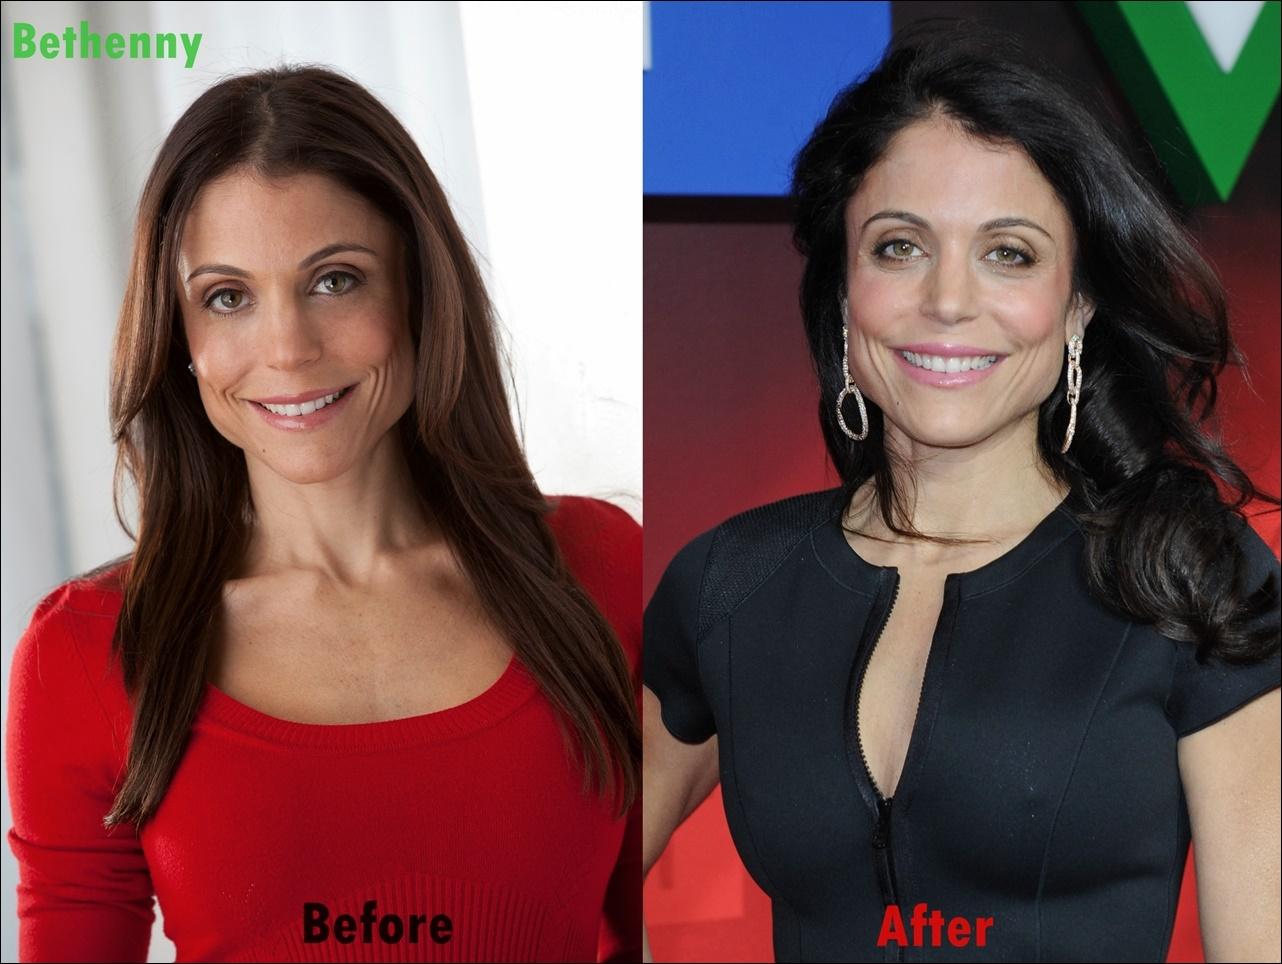 Bethenny Frankel Plastische Chirurgie Gesicht vor und nach Fotos